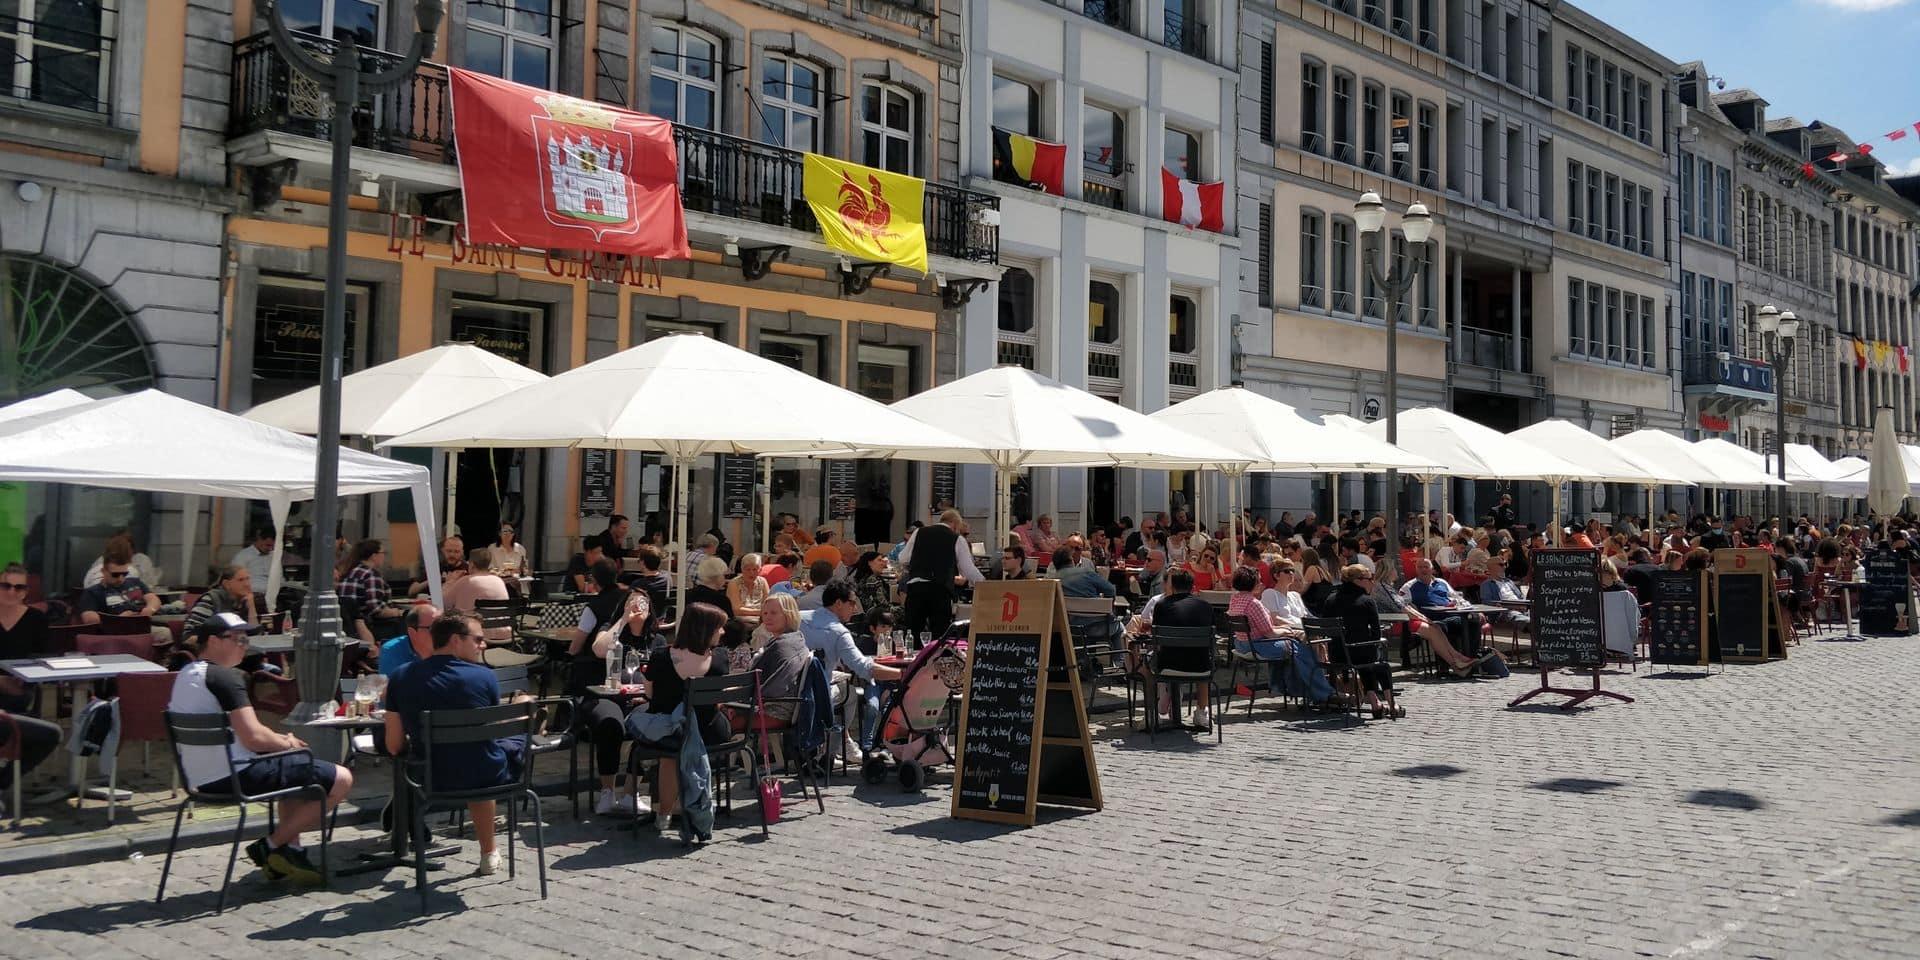 Deuxième jour de la non-ducasse à Mons: les terrasses à nouveau prises d'assaut